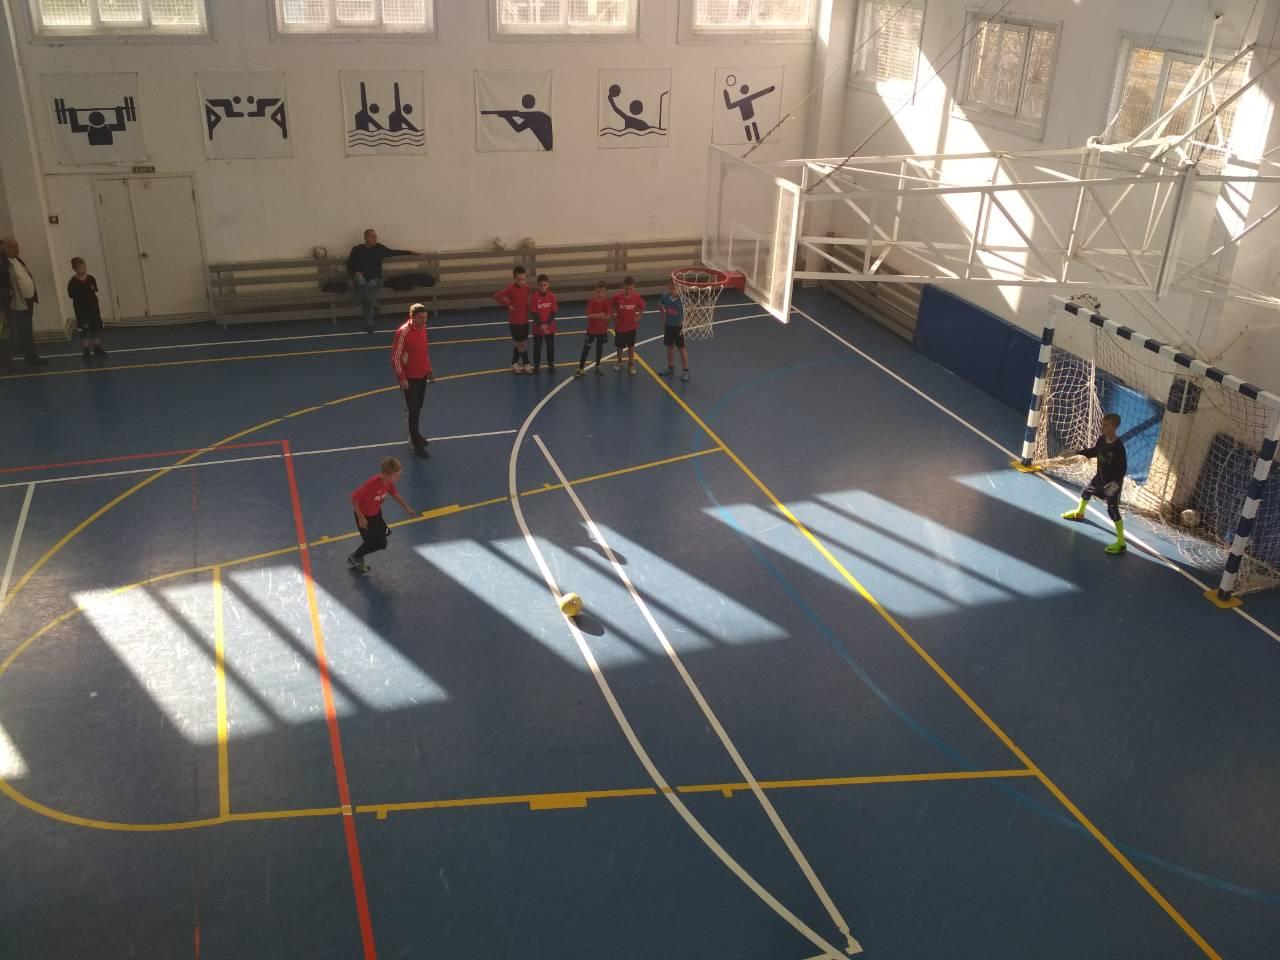 У Голій Пристані відбулася товариська зустріч з футзалу між командами ФК